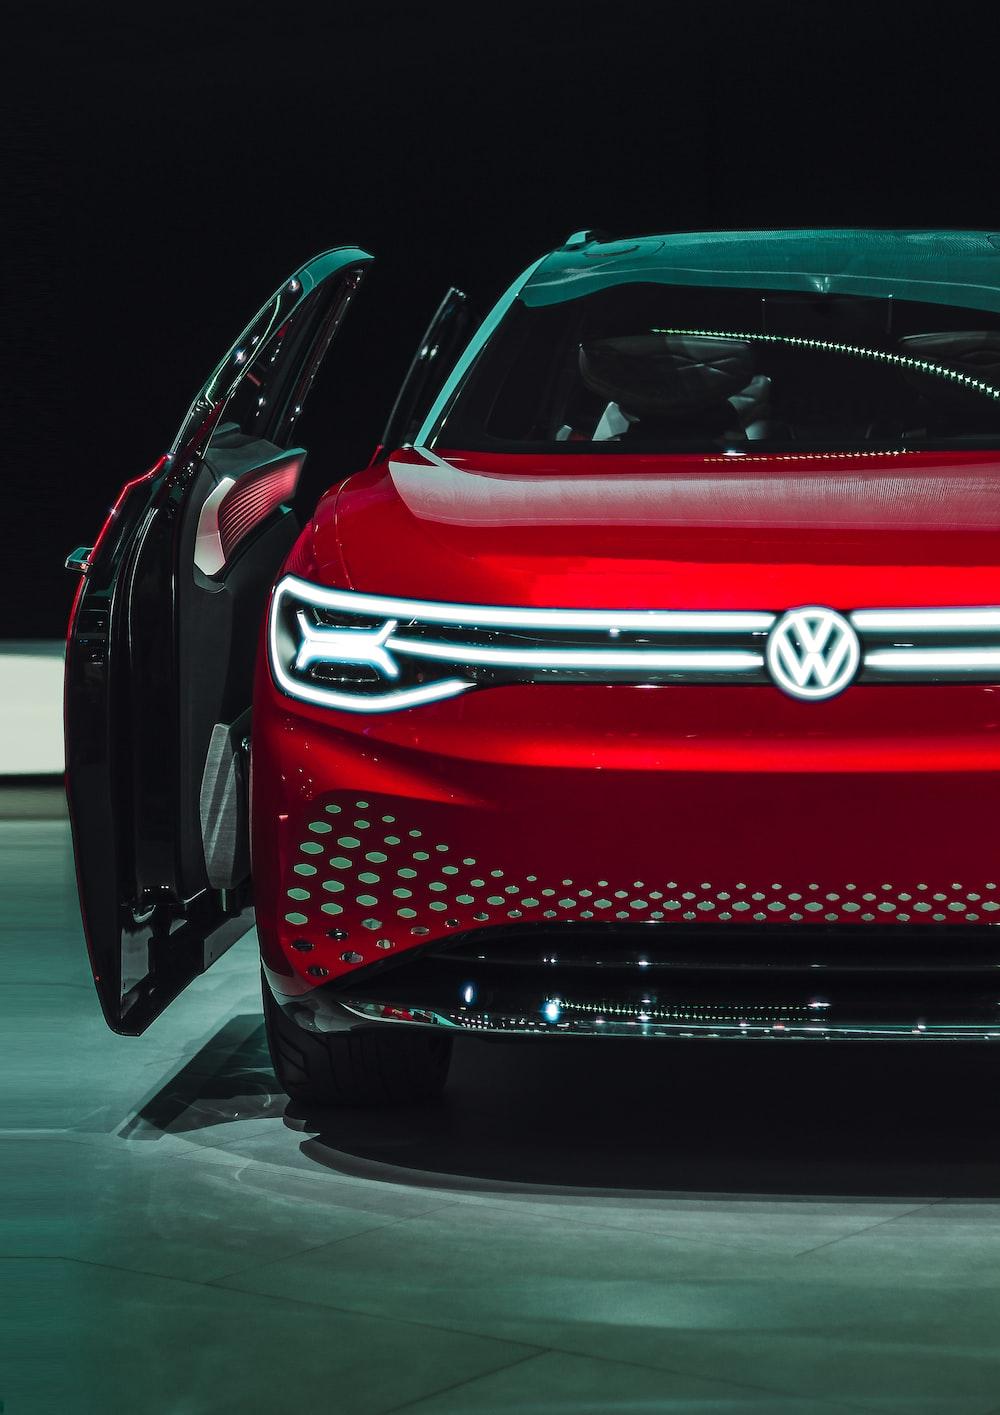 open door of red Volkswagen car